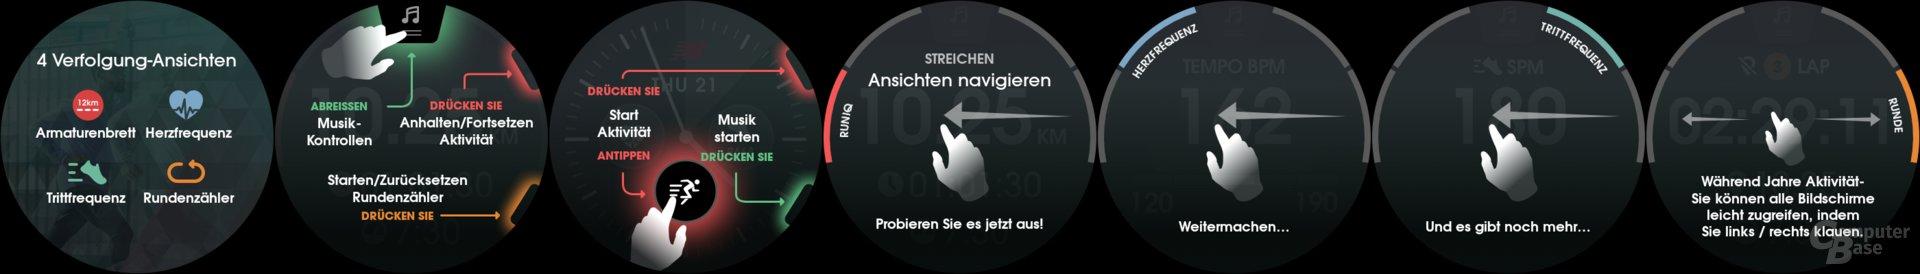 Strava-App-Übersicht